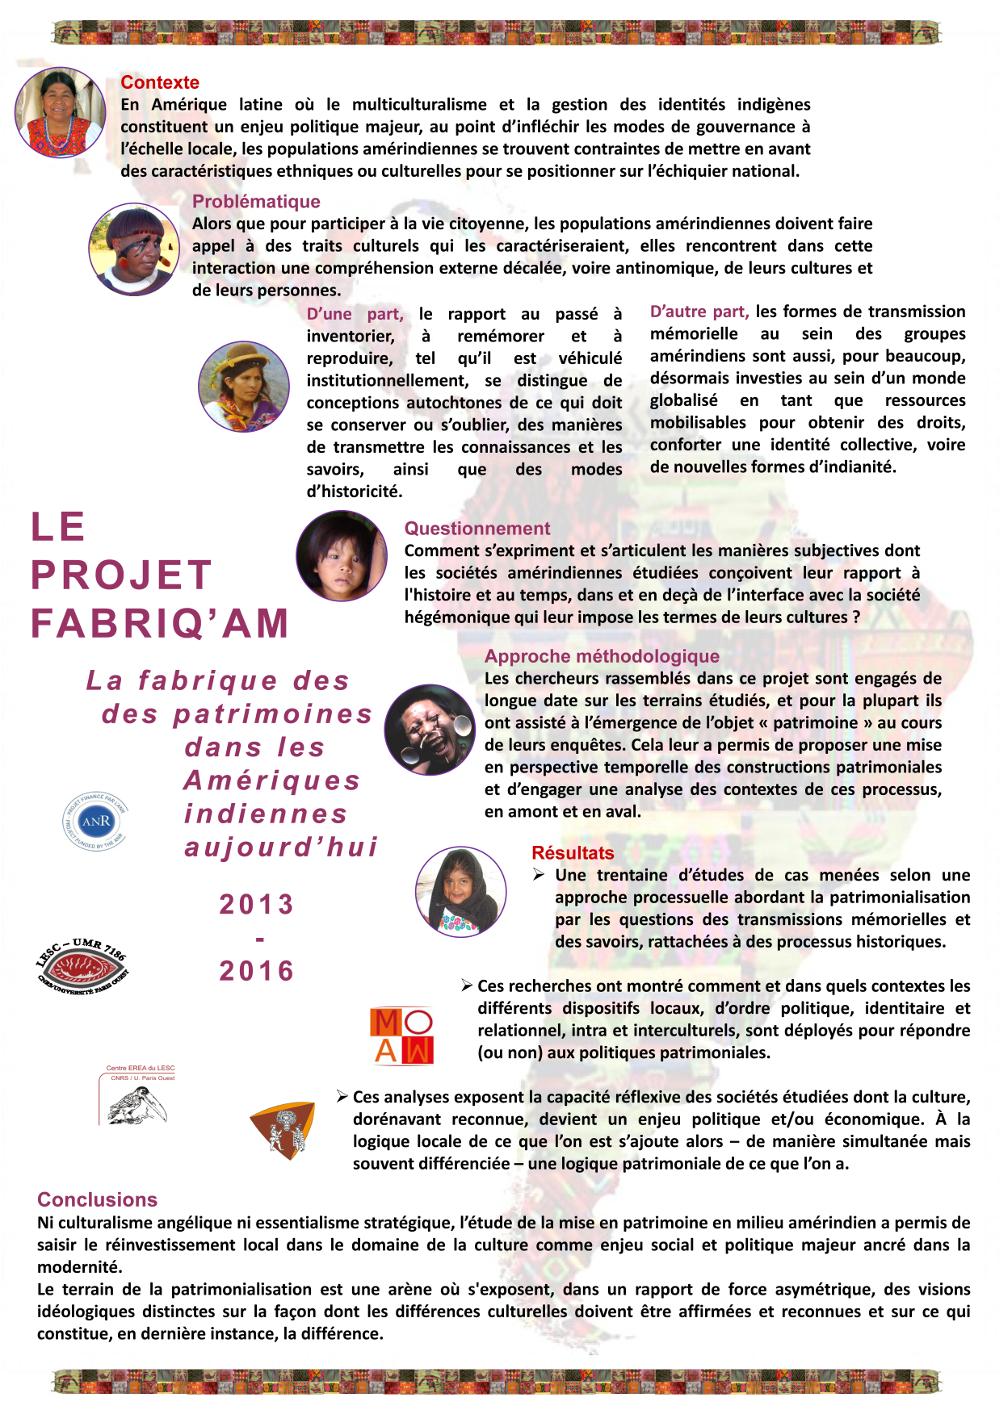 poster-3-le-projet-fabriqam